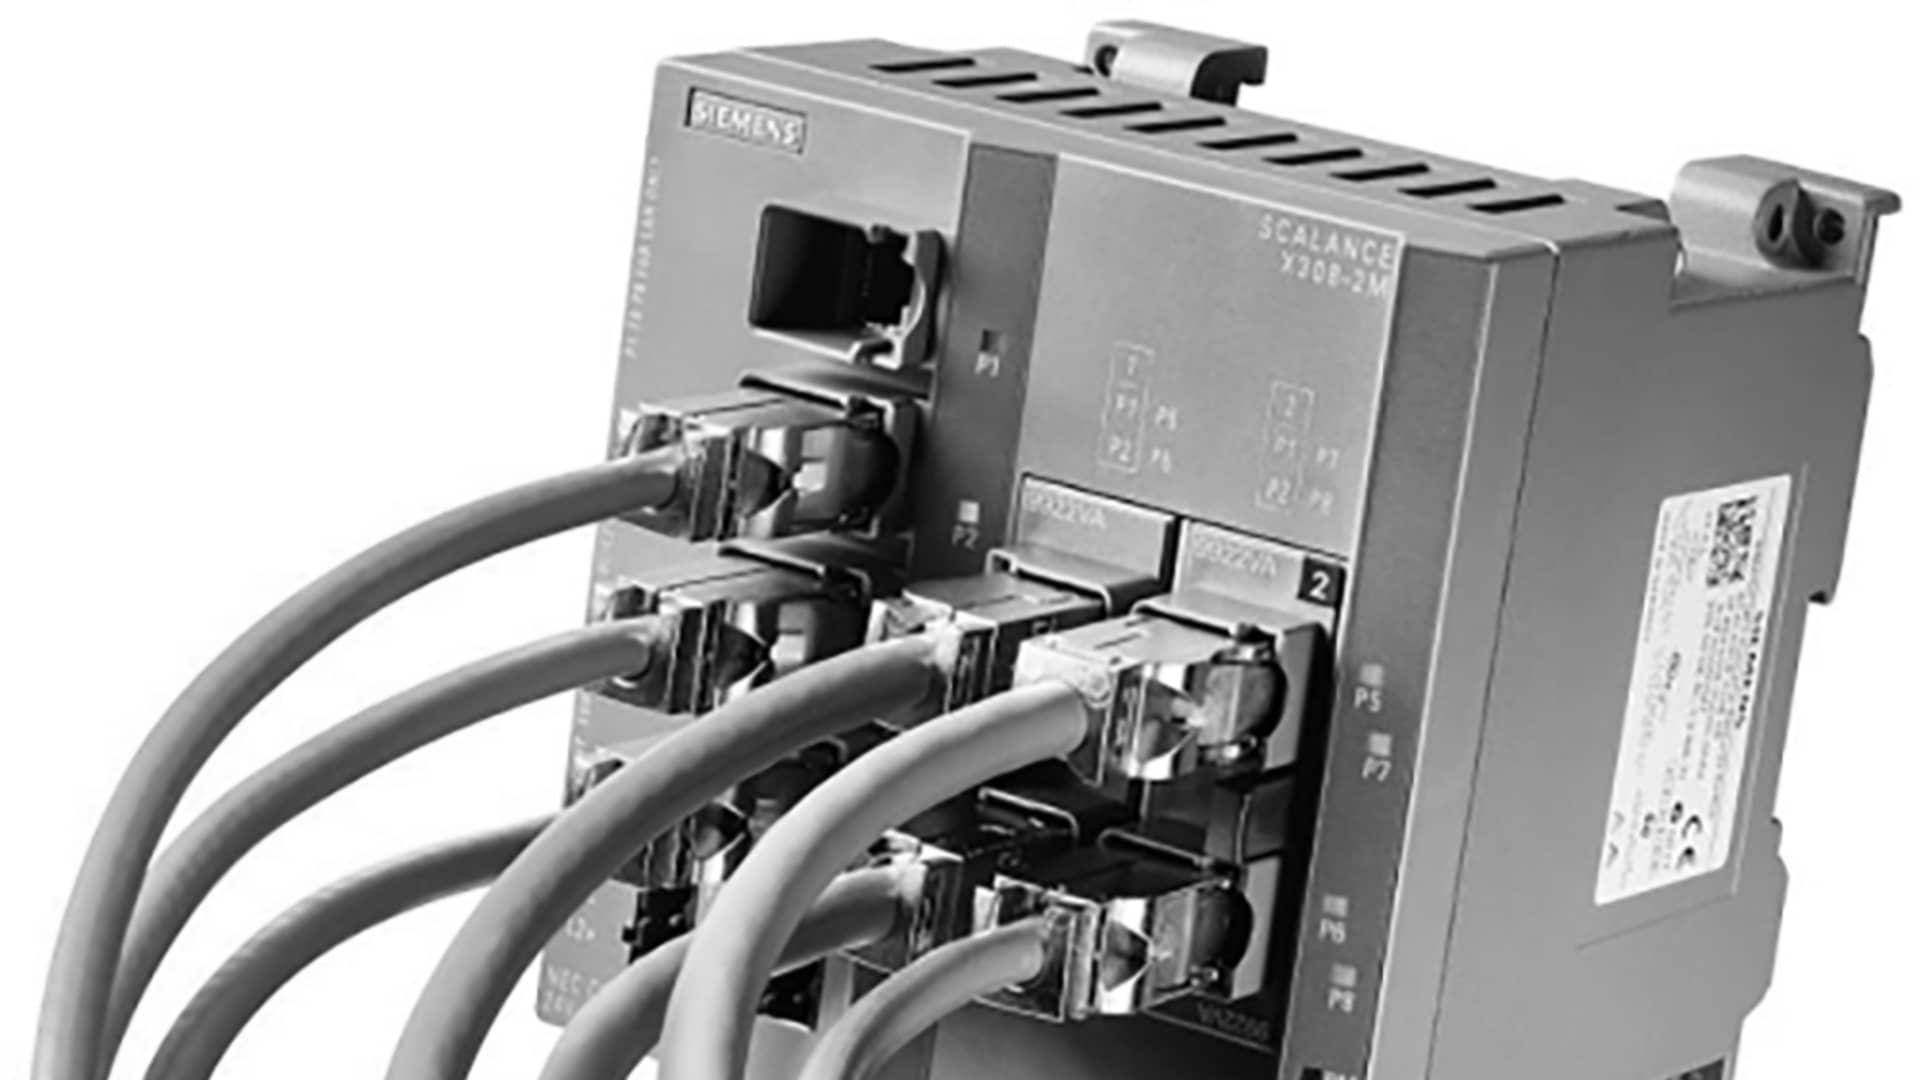 Siemens Scalance X 300